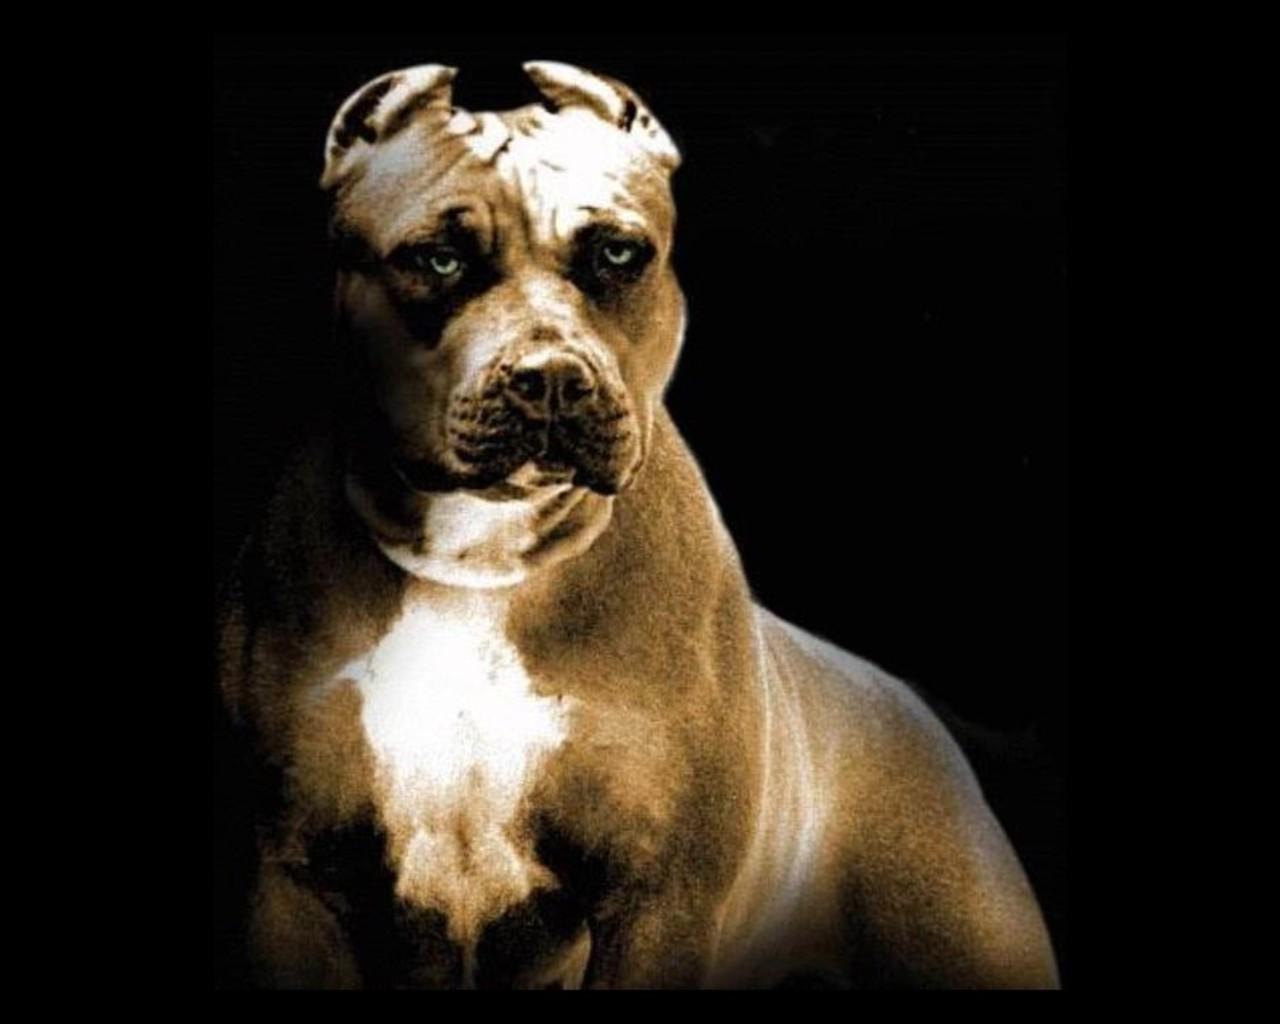 gambar anjing pitbull - gambar hewan - gambar anjing pitbull